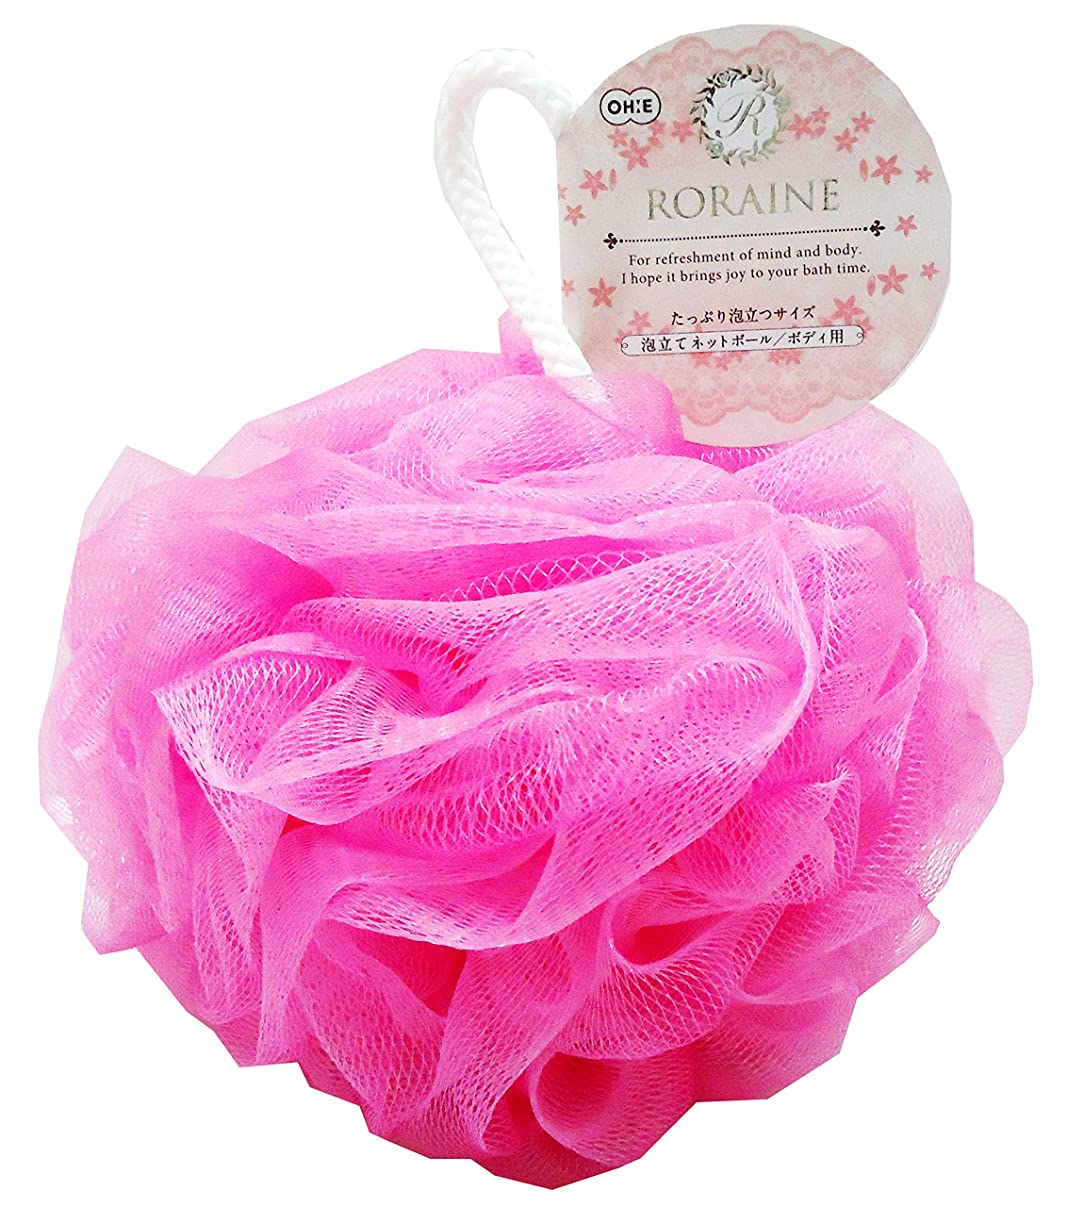 ウェイトレス欺ロイヤリティオーエ 泡立て ネット ピンク 約縦22×横12.5×奥行12.5cm ロレーヌ ネットボール ボディ用